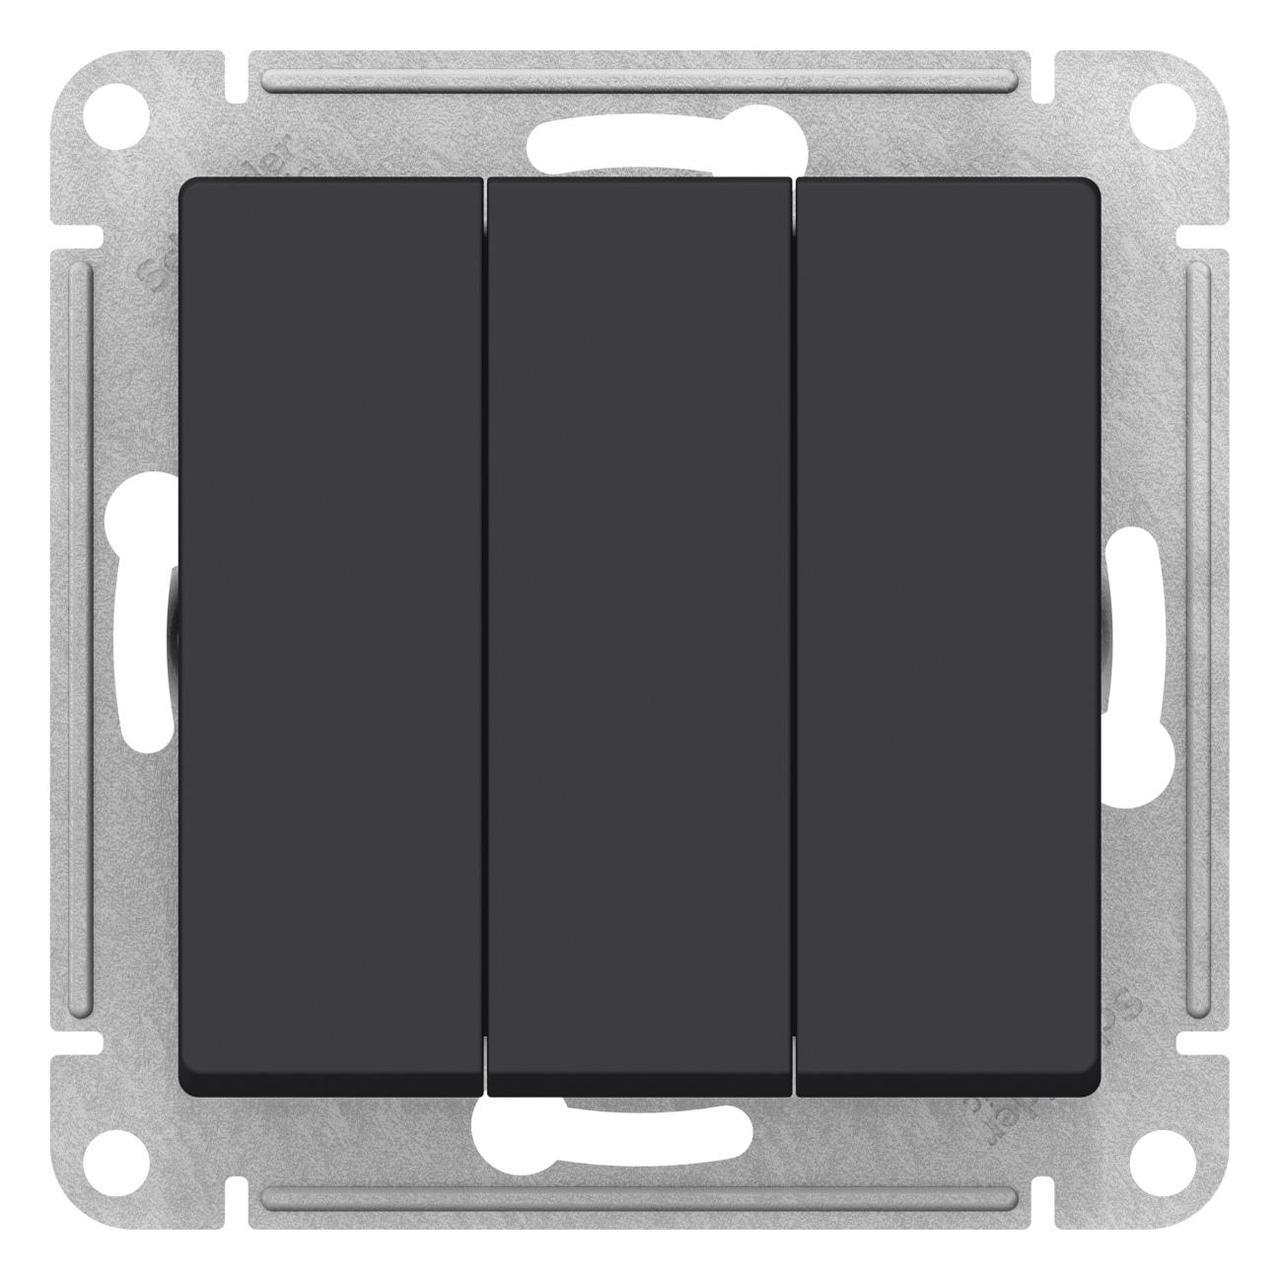 Выключатель 3-клавишный , Карбон, серия Atlas Design, Schneider Electric